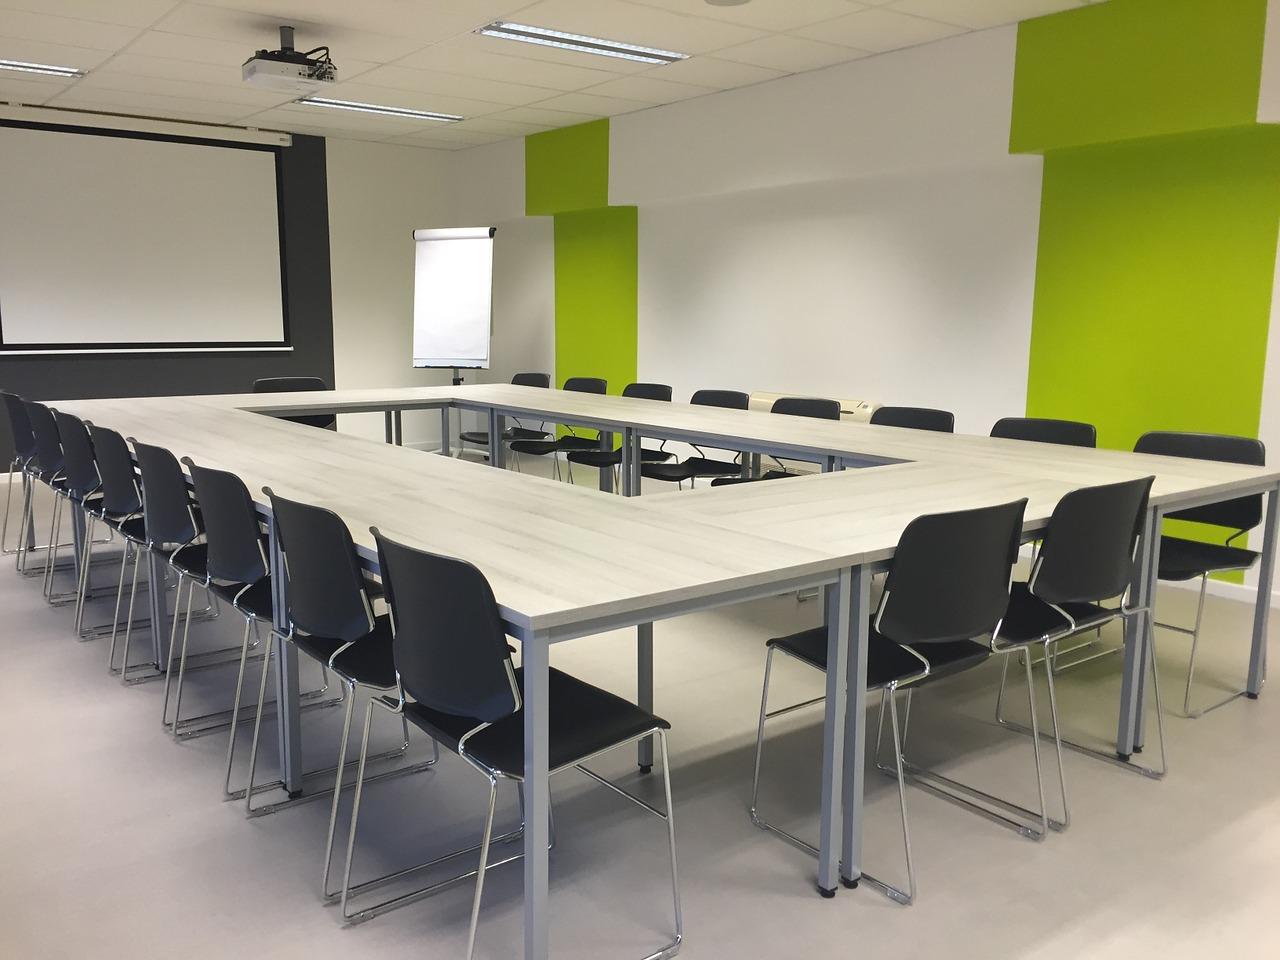 Sala riunioni per corsi di formazione antincendio e Rspp - Ivan serravalle - Gssi srl nichelino Vinovo